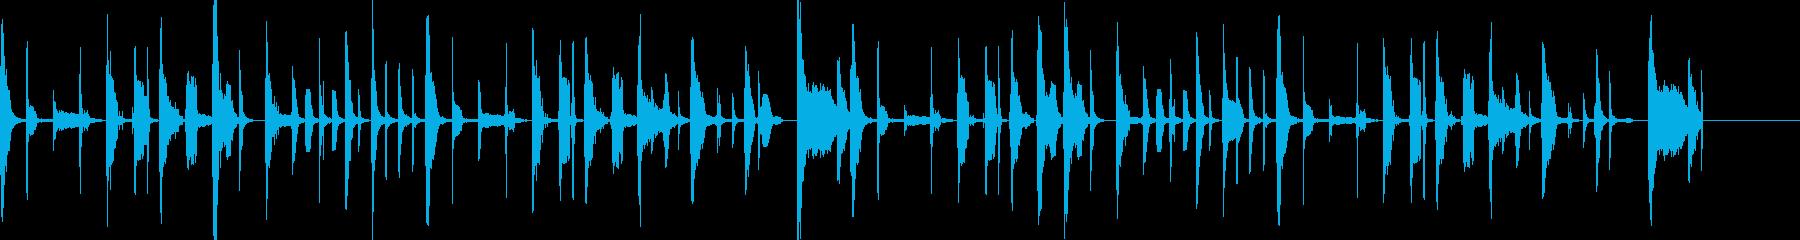 コミカル・脱力系のBGM  ボイパ等の再生済みの波形